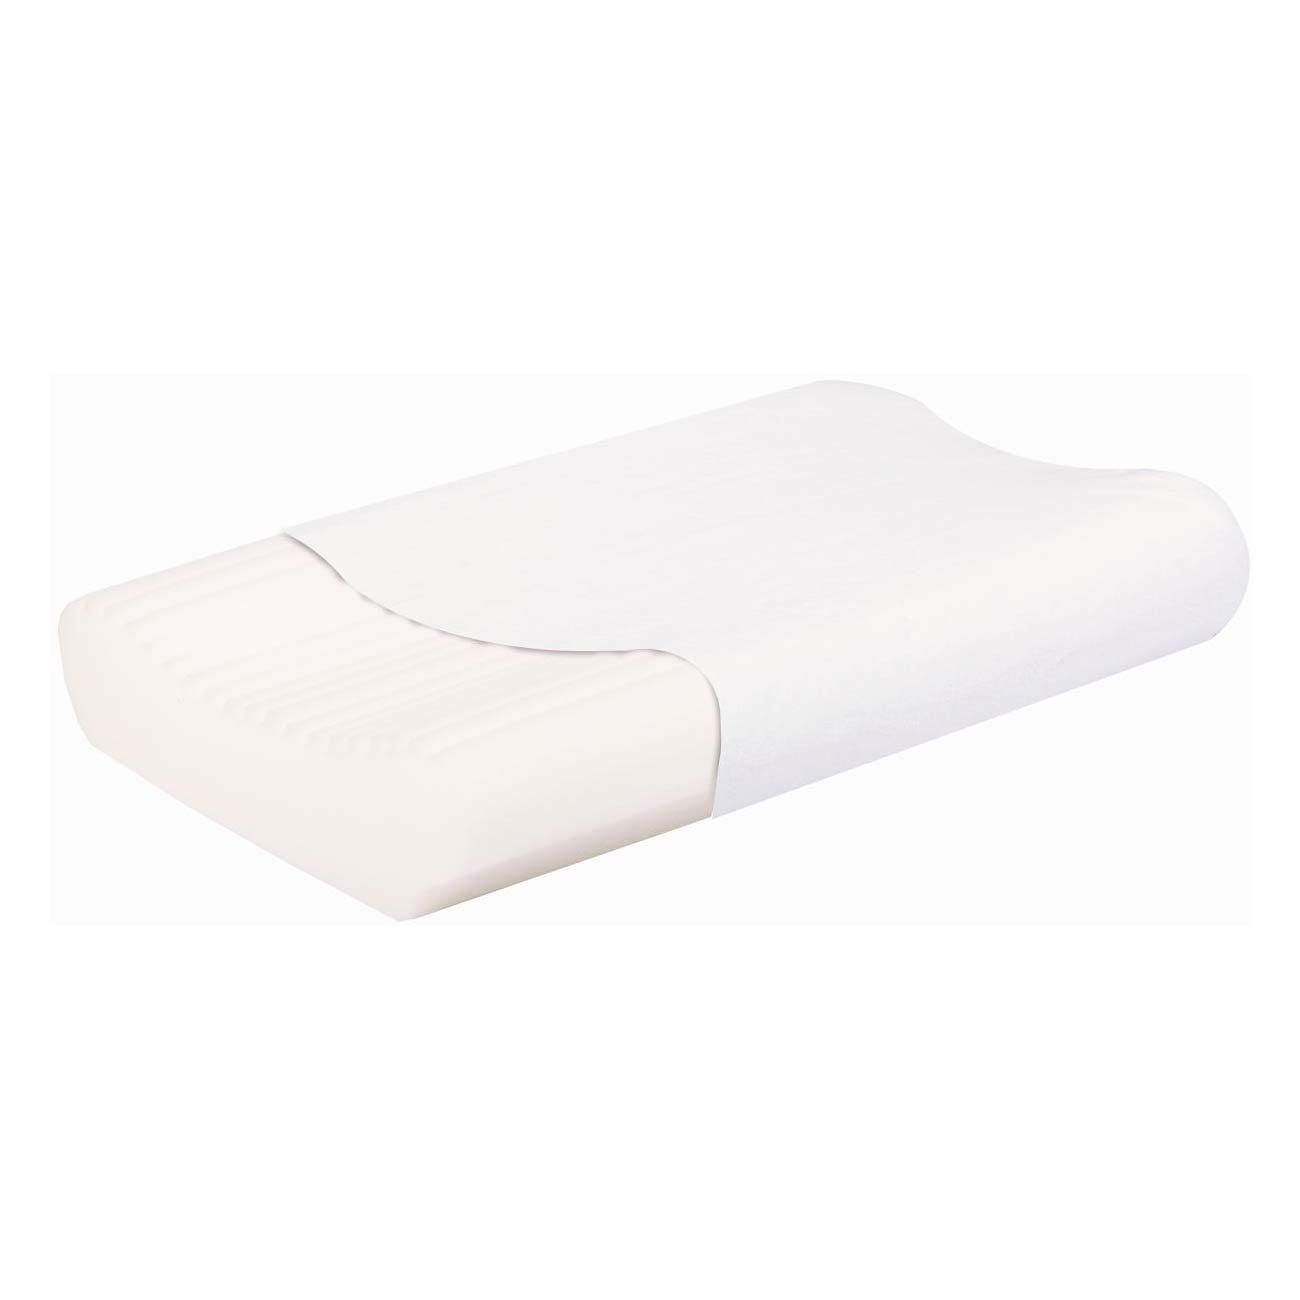 Подушки Trives Ортопедическая подушка для детей от 3 лет Trives ТОП-101 top-101.jpg